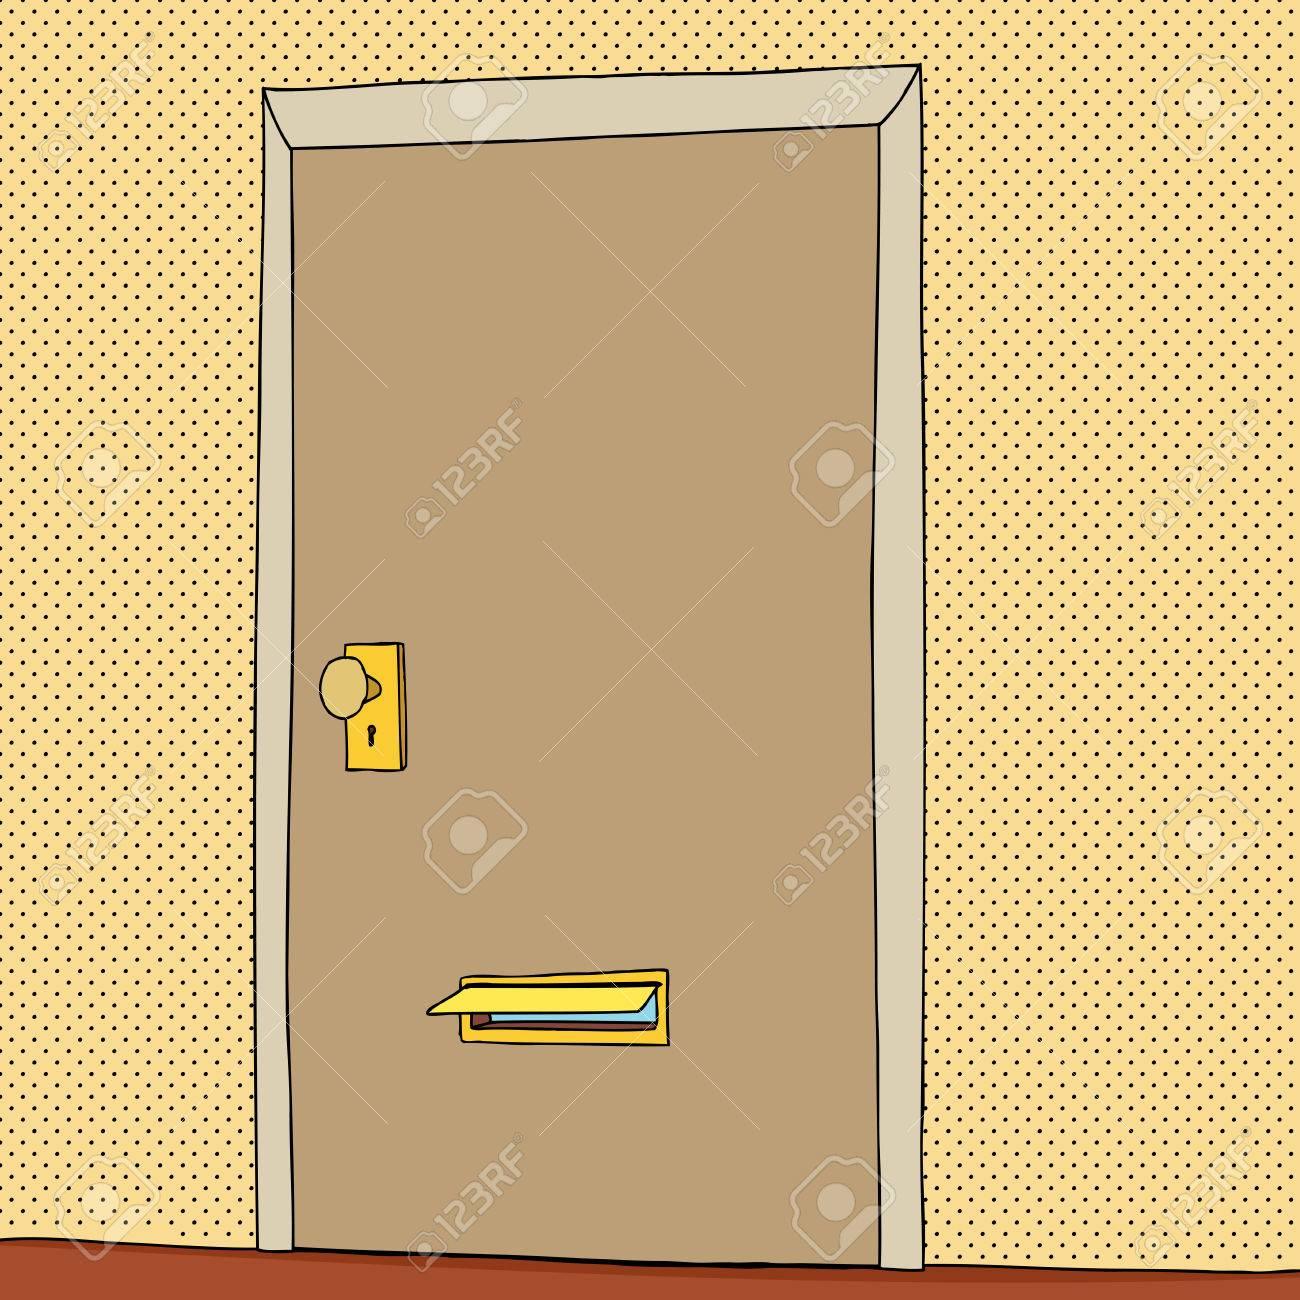 Cartoon Of Open Mail Slot In Closed Door Stock Vector   33573263